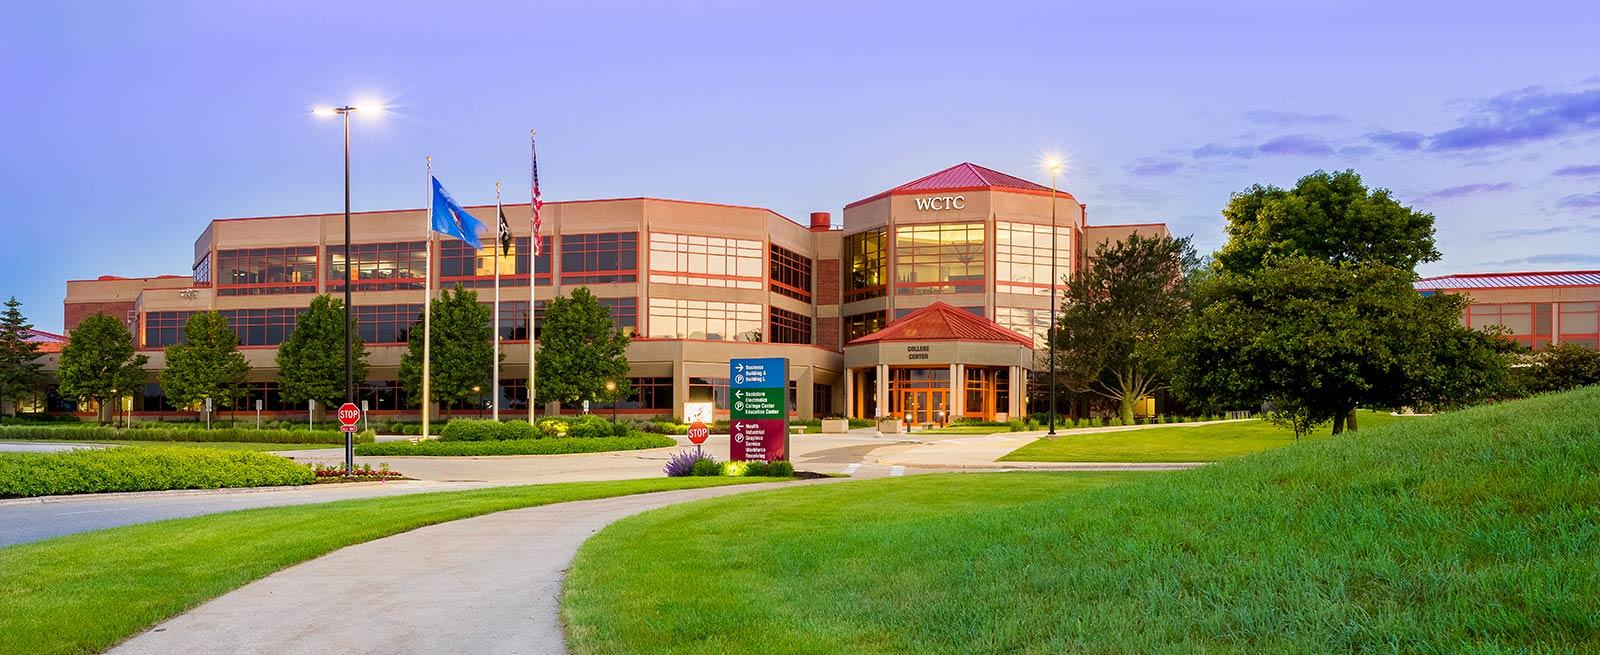 Waukesha county technical school